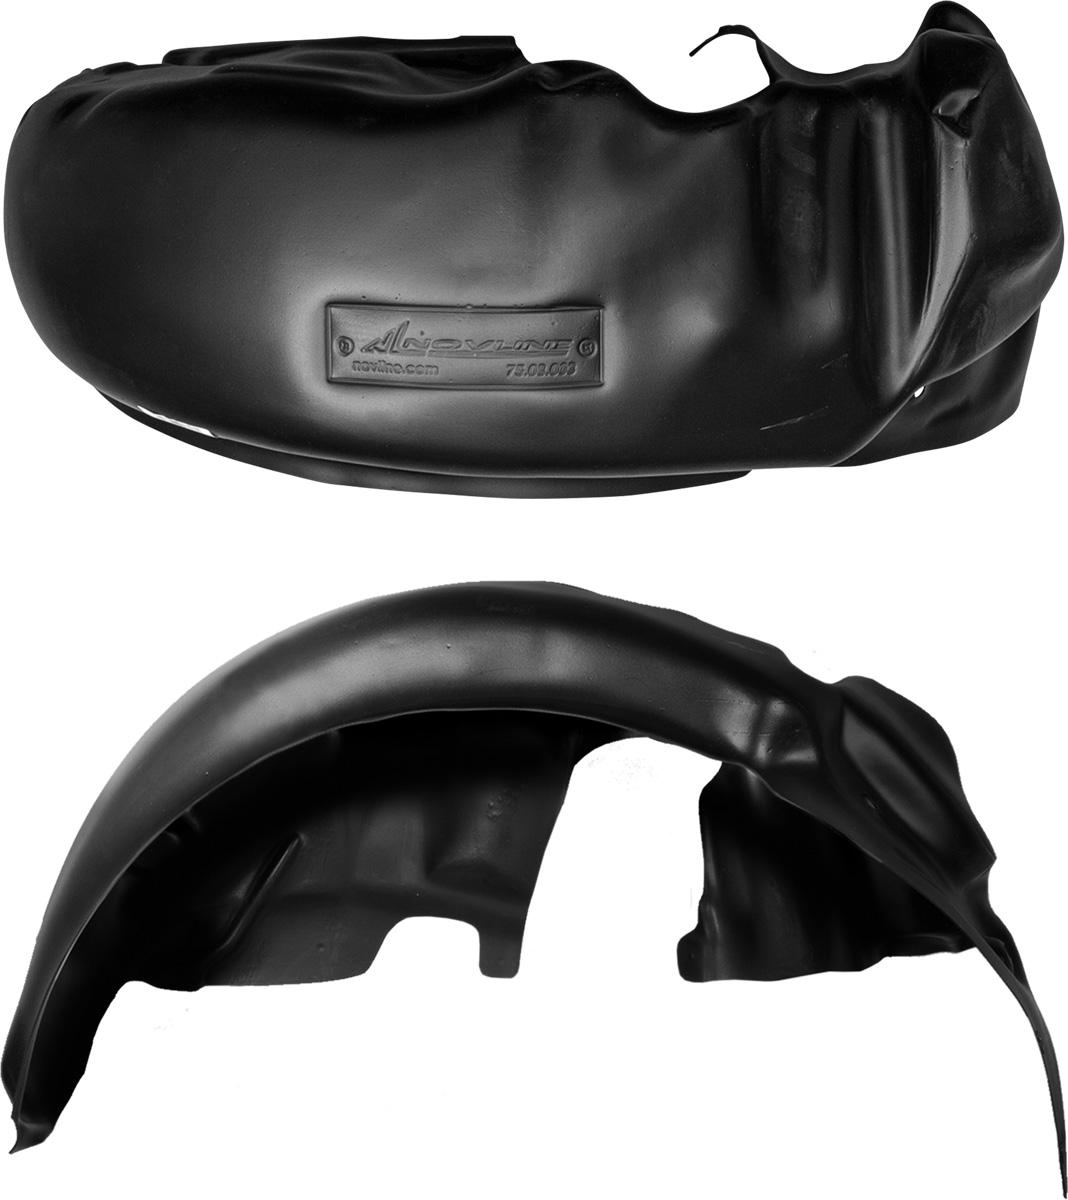 Подкрылок RENAULT Duster 4x4, 05/2015->, задний левыйNLL.41.41.003Колесные ниши – одни из самых уязвимых зон днища вашего автомобиля. Они постоянно подвергаются воздействию со стороны дороги. Лучшая, почти абсолютная защита для них - специально отформованные пластиковые кожухи, которые называются подкрылками, или локерами. Производятся они как для отечественных моделей автомобилей, так и для иномарок. Подкрылки выполнены из высококачественного, экологически чистого пластика. Обеспечивают надежную защиту кузова автомобиля от пескоструйного эффекта и негативного влияния, агрессивных антигололедных реагентов. Пластик обладает более низкой теплопроводностью, чем металл, поэтому в зимний период эксплуатации использование пластиковых подкрылков позволяет лучше защитить колесные ниши от налипания снега и образования наледи. Оригинальность конструкции подчеркивает элегантность автомобиля, бережно защищает нанесенное на днище кузова антикоррозийное покрытие и позволяет осуществить крепление подкрылков внутри колесной арки практически без дополнительного...